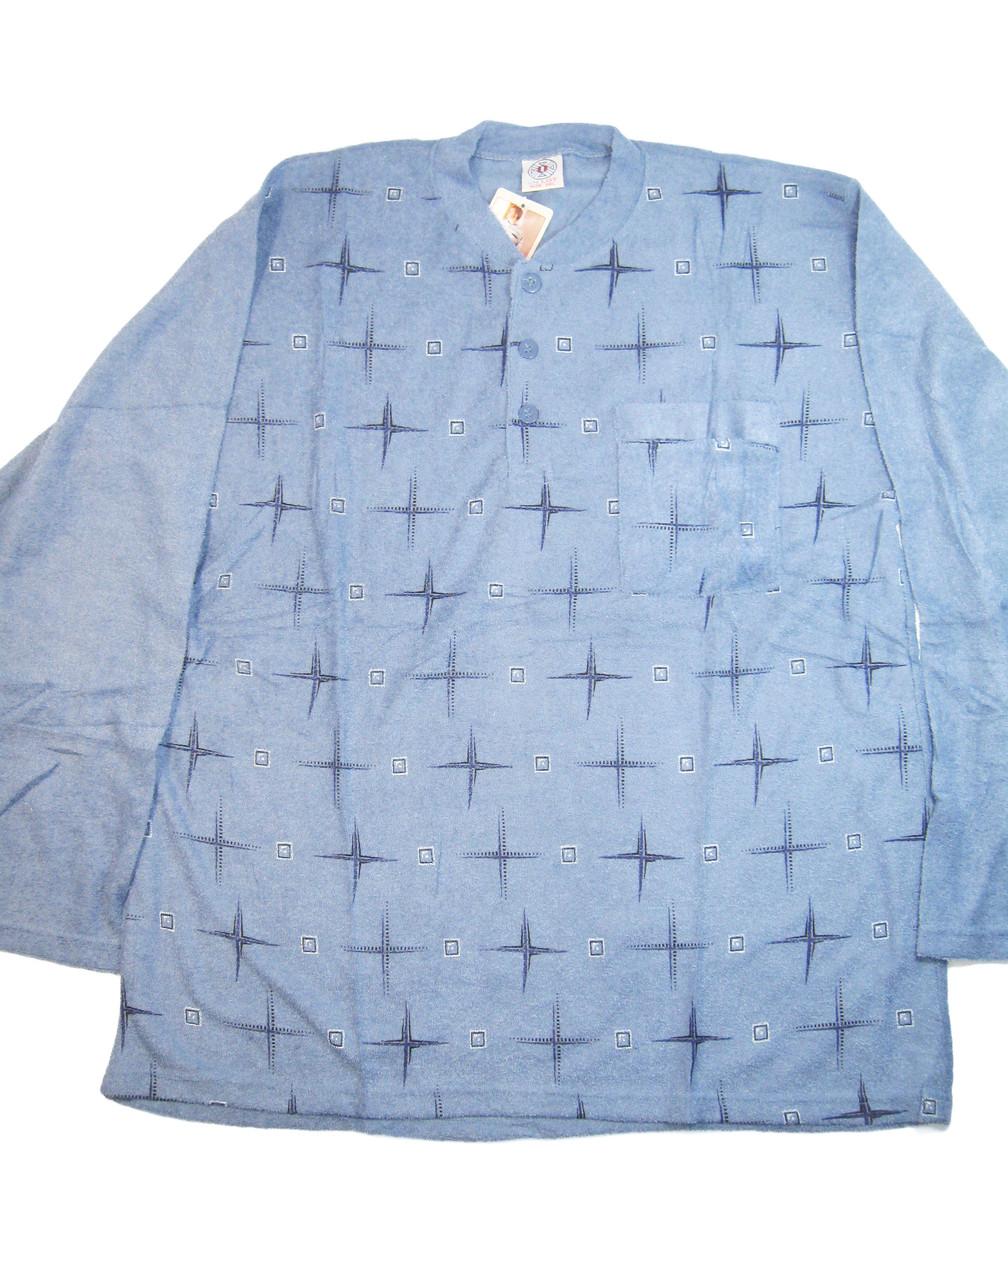 Пижама мужская, махра с начёсом, размеры М,L. XL. 2XL. 3XL. арт. 303,101